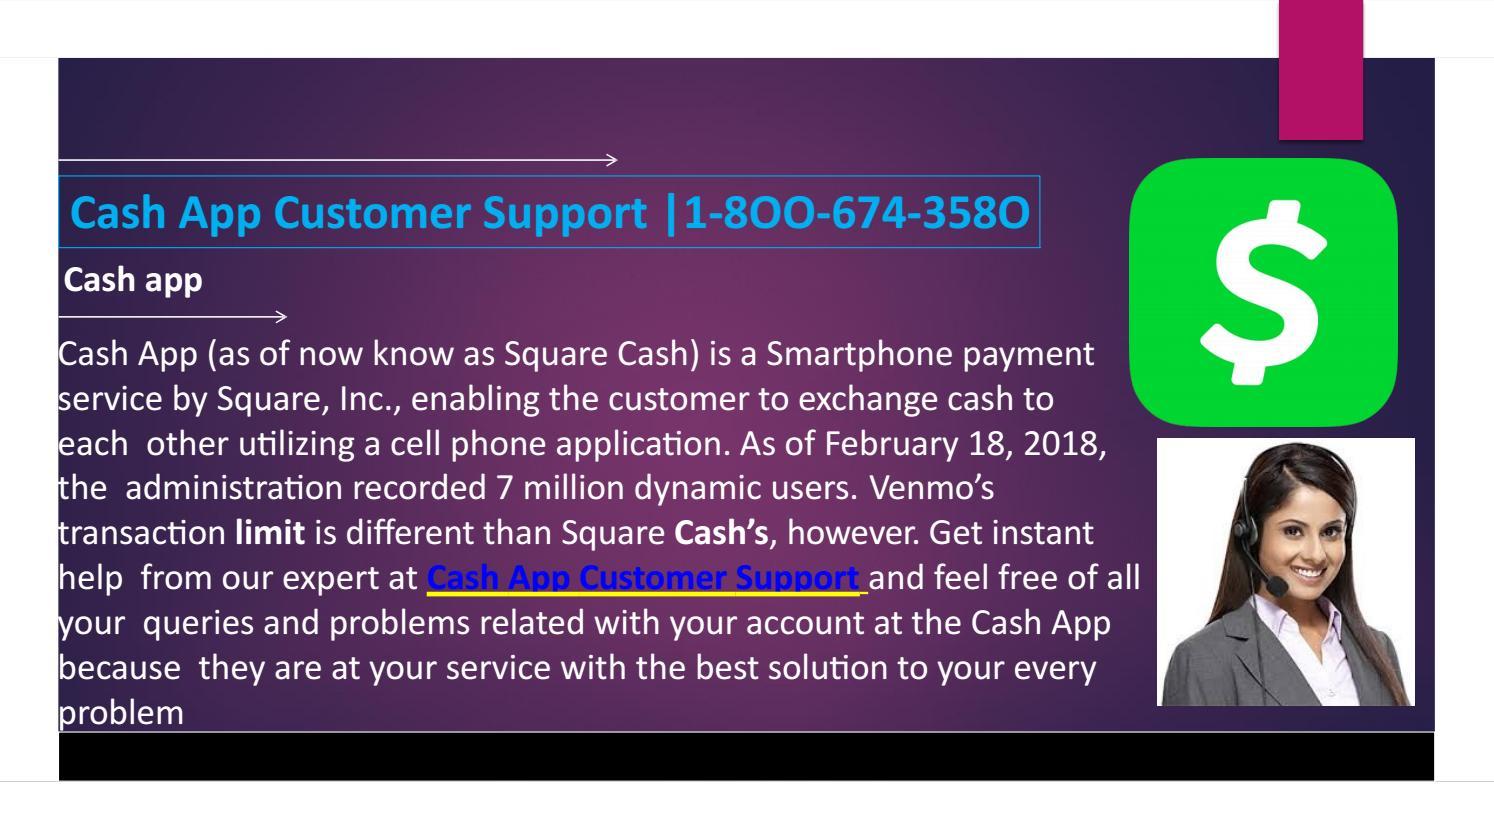 cash app support 1800 number